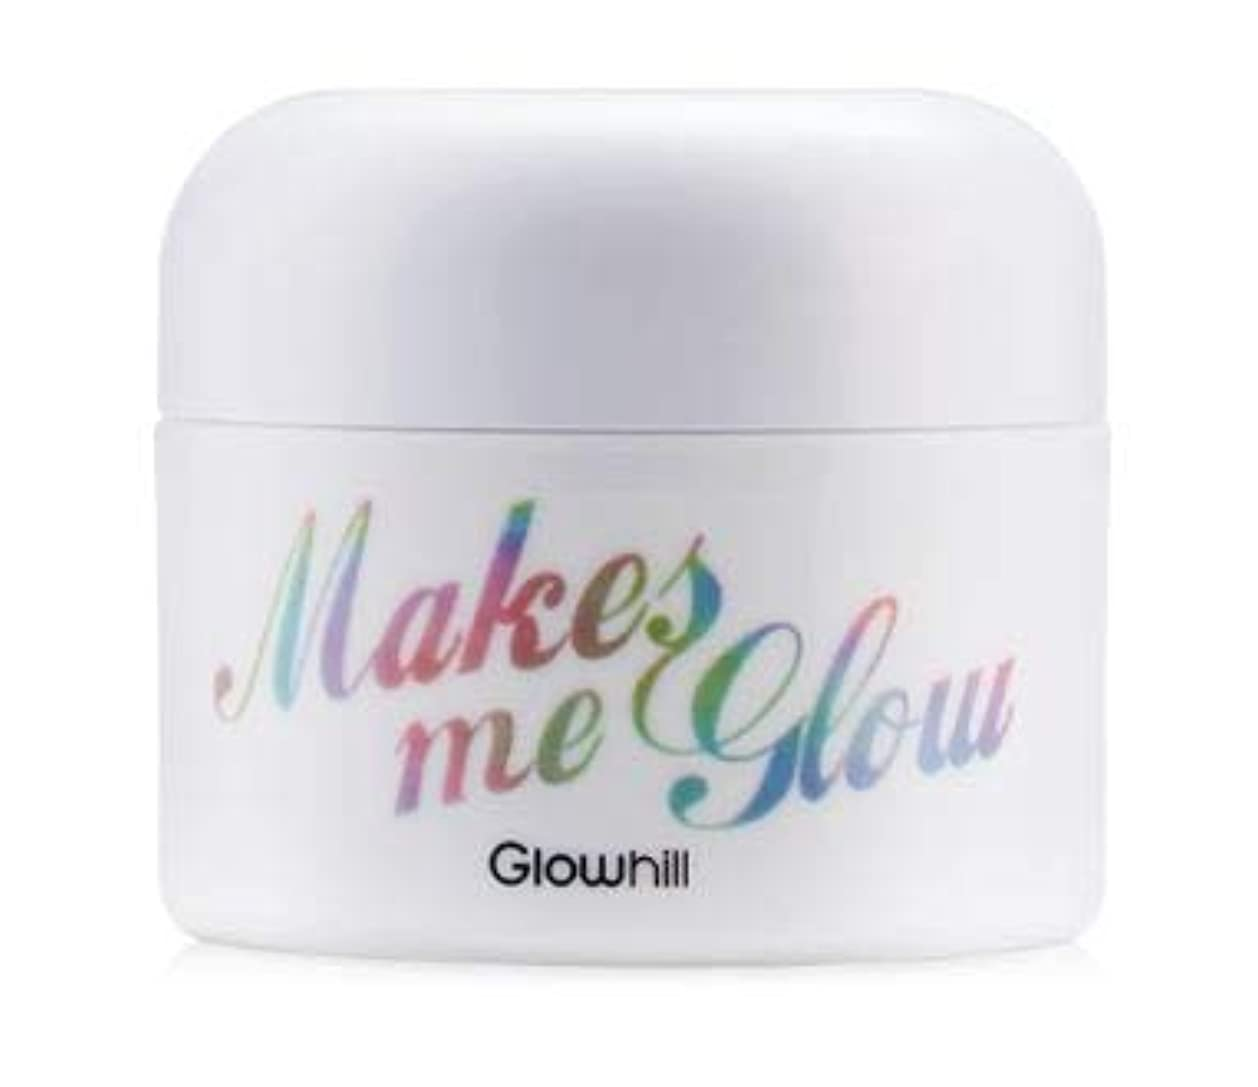 症候群繰り返す葉っぱ[Glowhill] Aurora Whitehole Glow Mask / [グローヒル] オーロラホワイトホールグローマスク [並行輸入品]